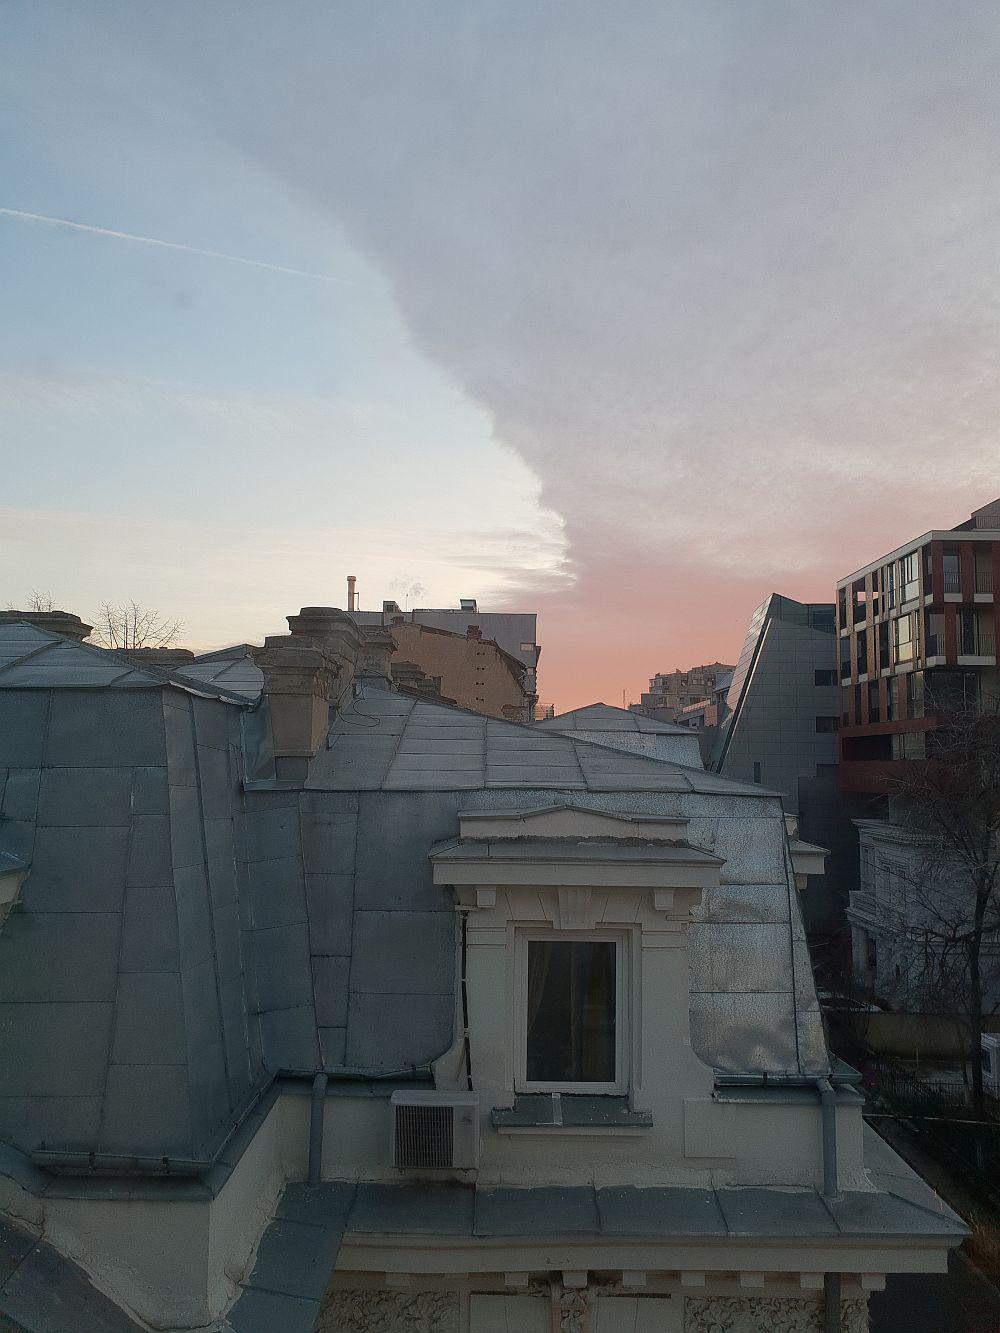 Peisaj urban captat de către gemenii mei cu Samsung S9, imagine needitată.